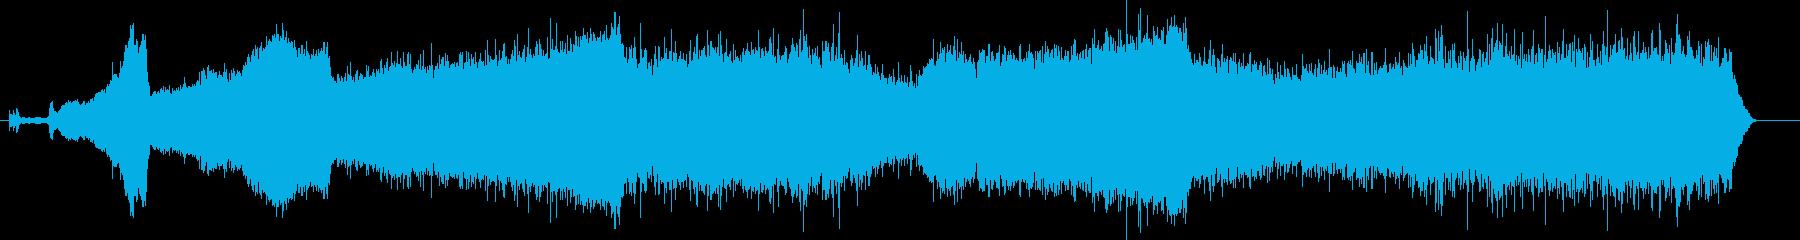 コンパクトカースタートエンジン、1...の再生済みの波形